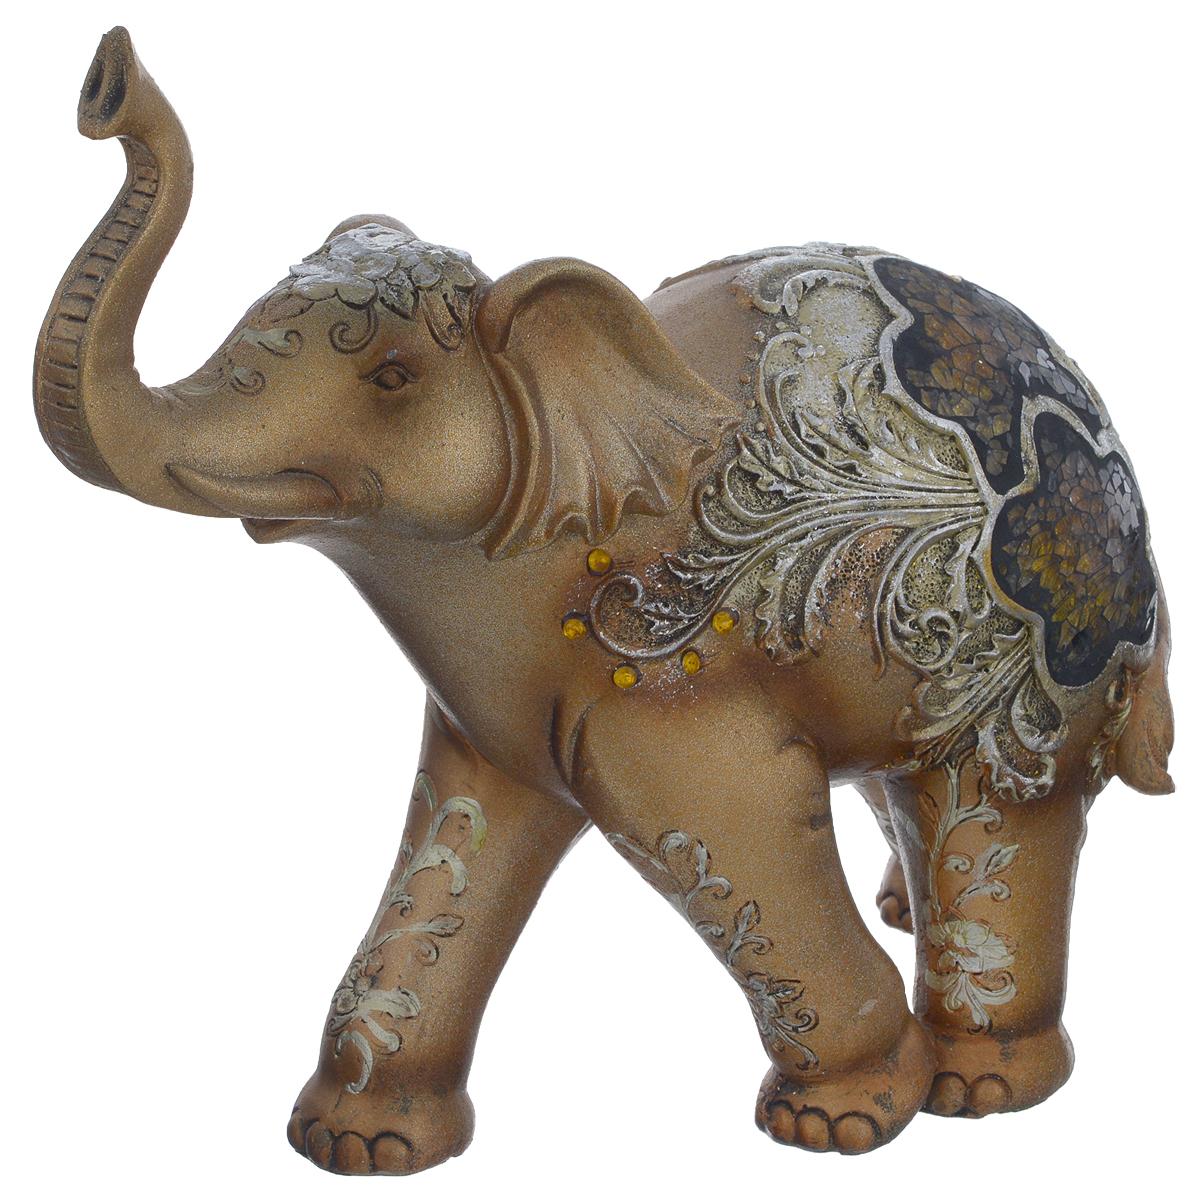 Фигурка декоративная Molento Слон с мозаикой, высота 21 см549-188Декоративная фигурка Molento Слон с мозаикой, выполненная из полистоуна, станет отличным украшением интерьера и подчеркнет его изысканность. Изделие, выполненное в виде слона, украшено рельефными узорами и мозаикой из стекла. Такая фигурка всегда сможет послужить приятным подарком для ваших друзей и близких. Размер фигурки: 24,5 см х 10 см х 21 см.